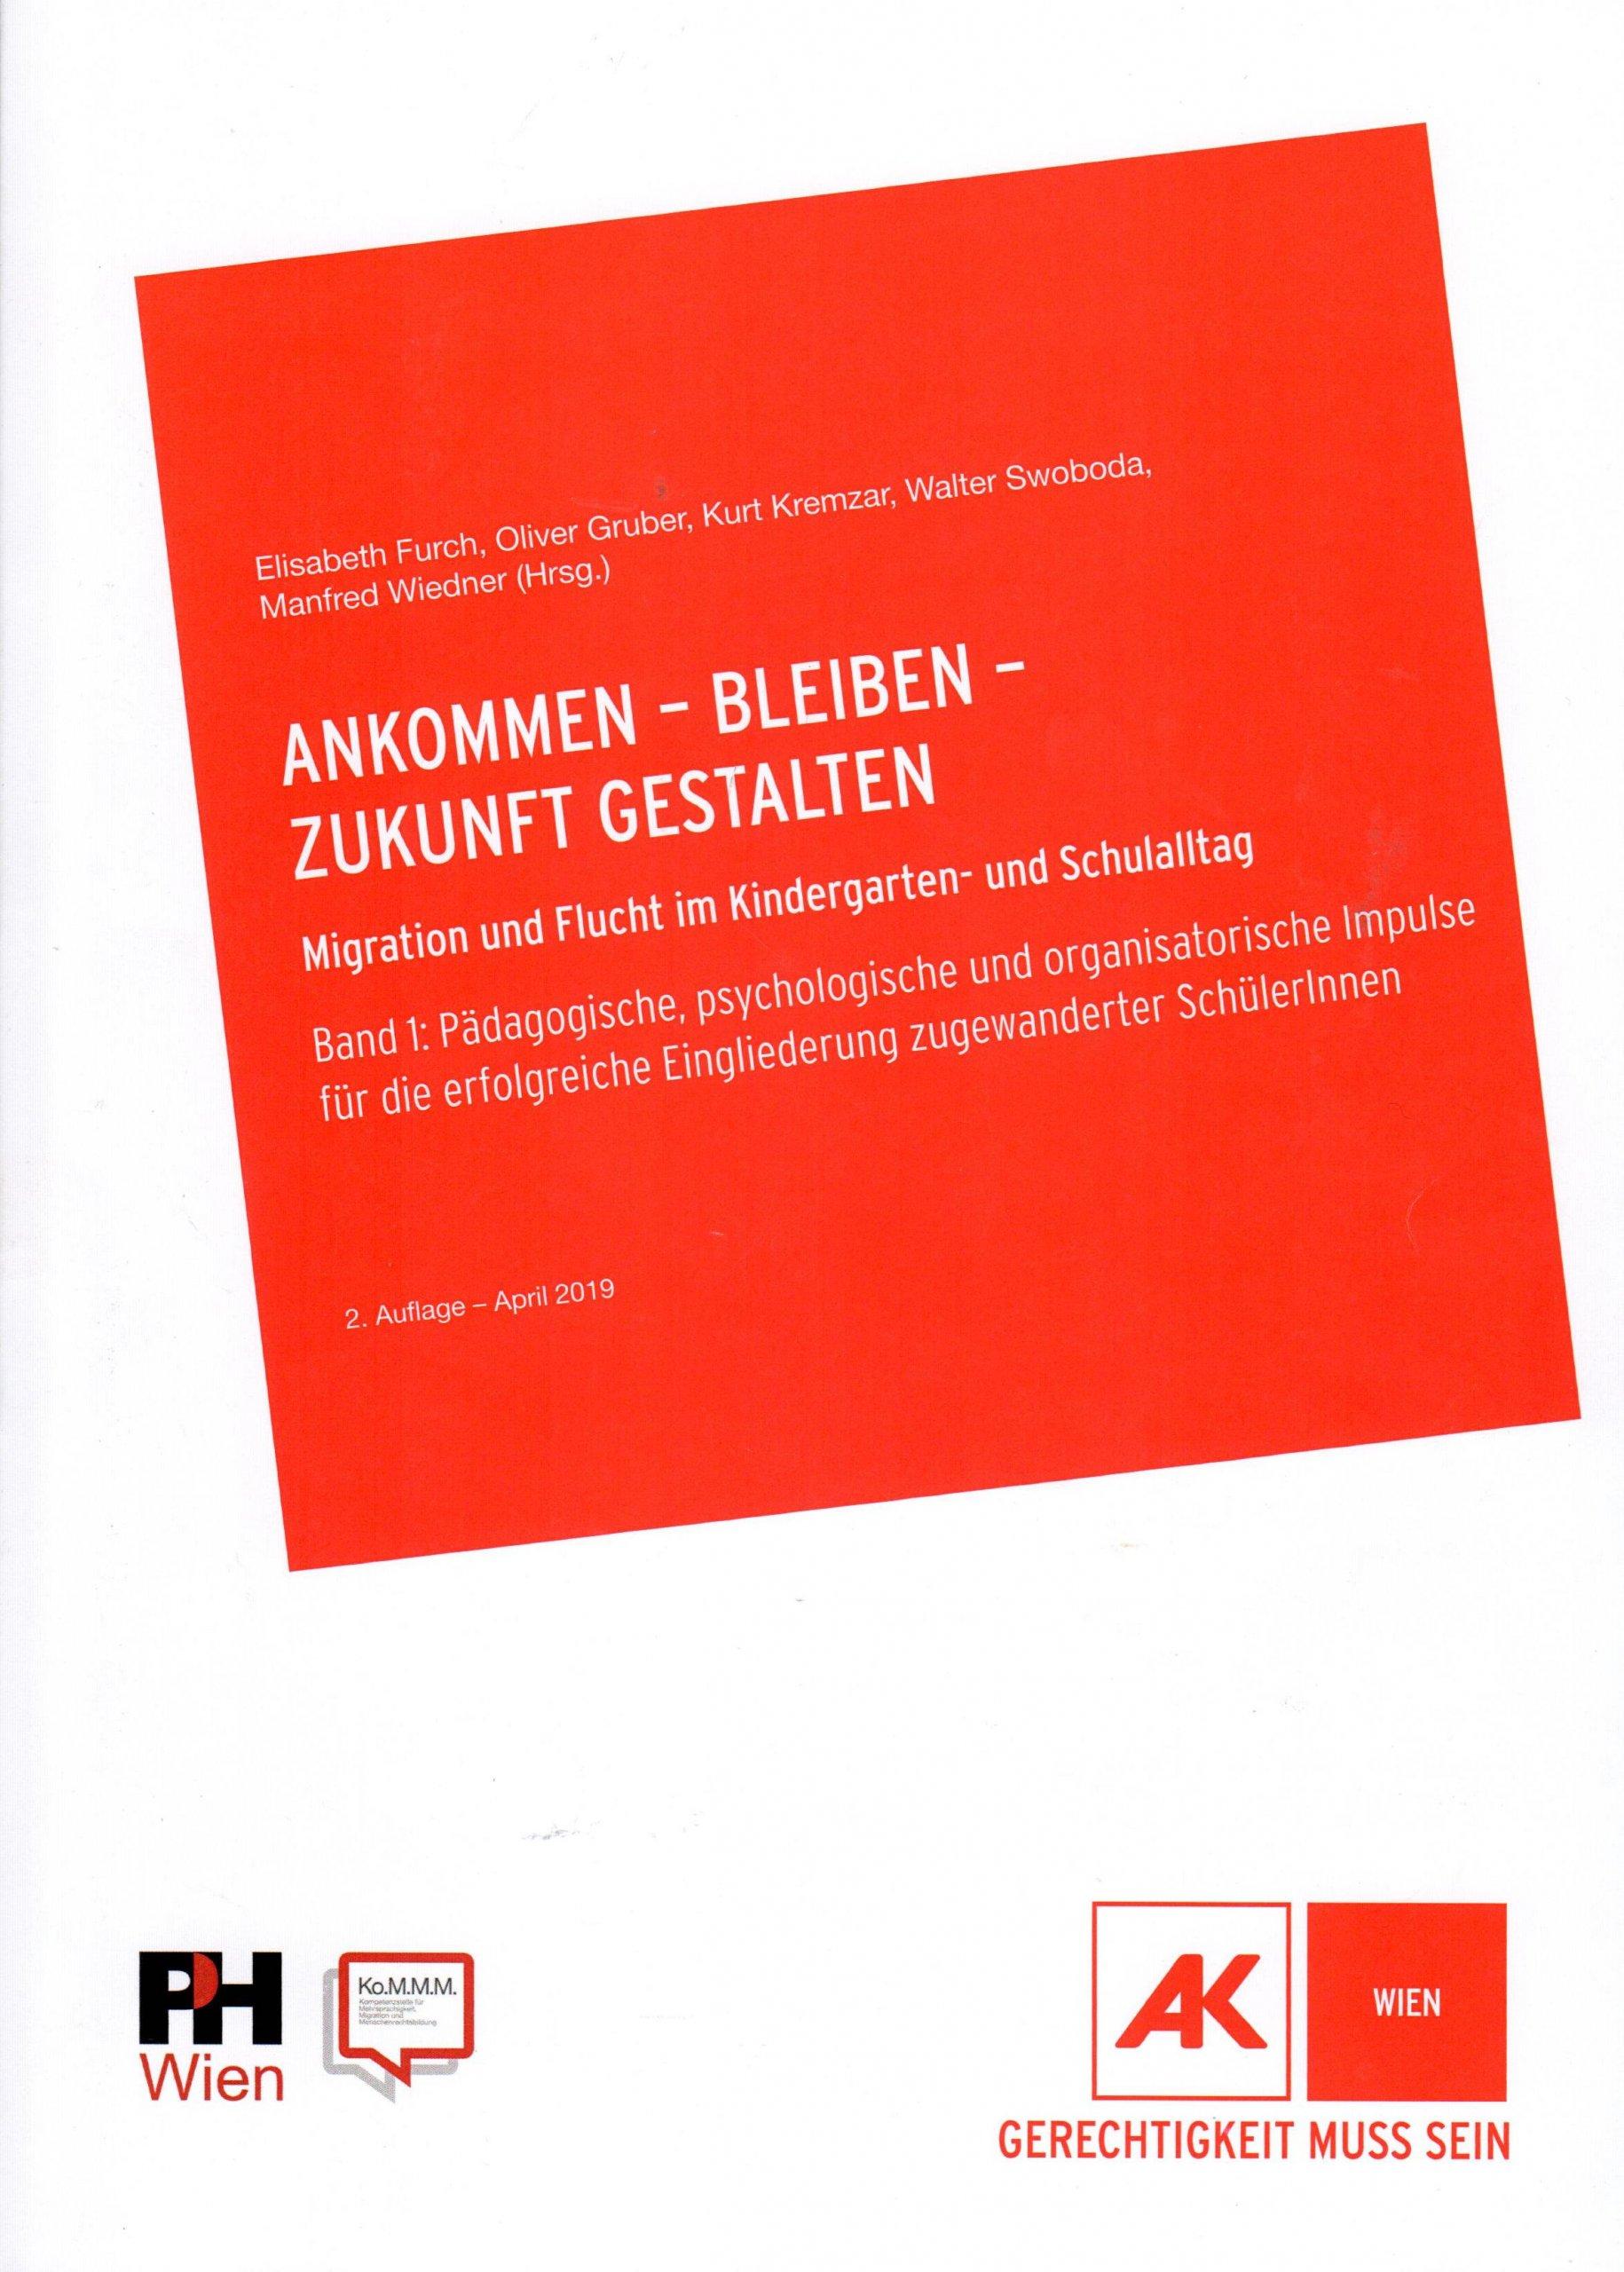 Messen – Bewerten – Prüfen im Kontext von Deutsch als Zweitsprache. Symposium, initiiert vom Netzwerk SprachenRechte in Kooperation mit Verbund NO @ Universität Wien